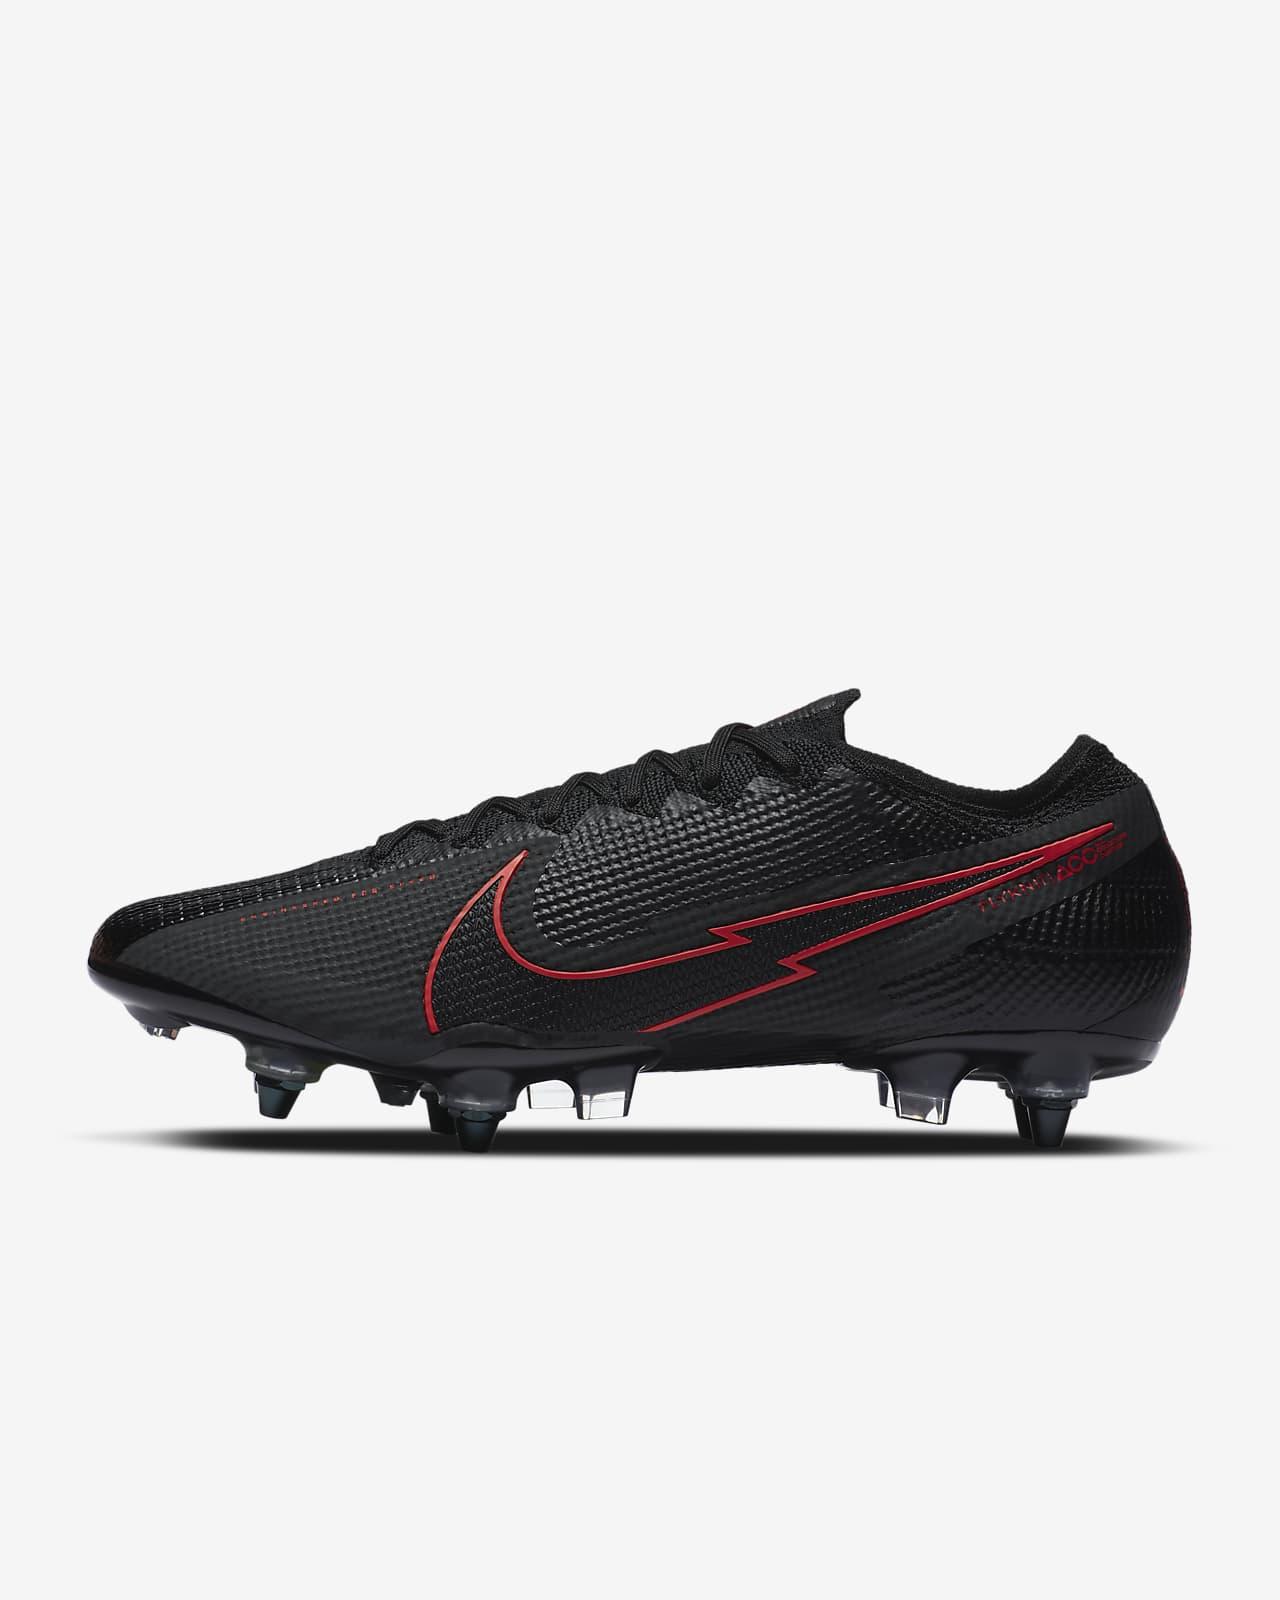 Nike Mercurial Vapor 13 Elite SG-PRO Anti-Clog fotballsko til vått gress